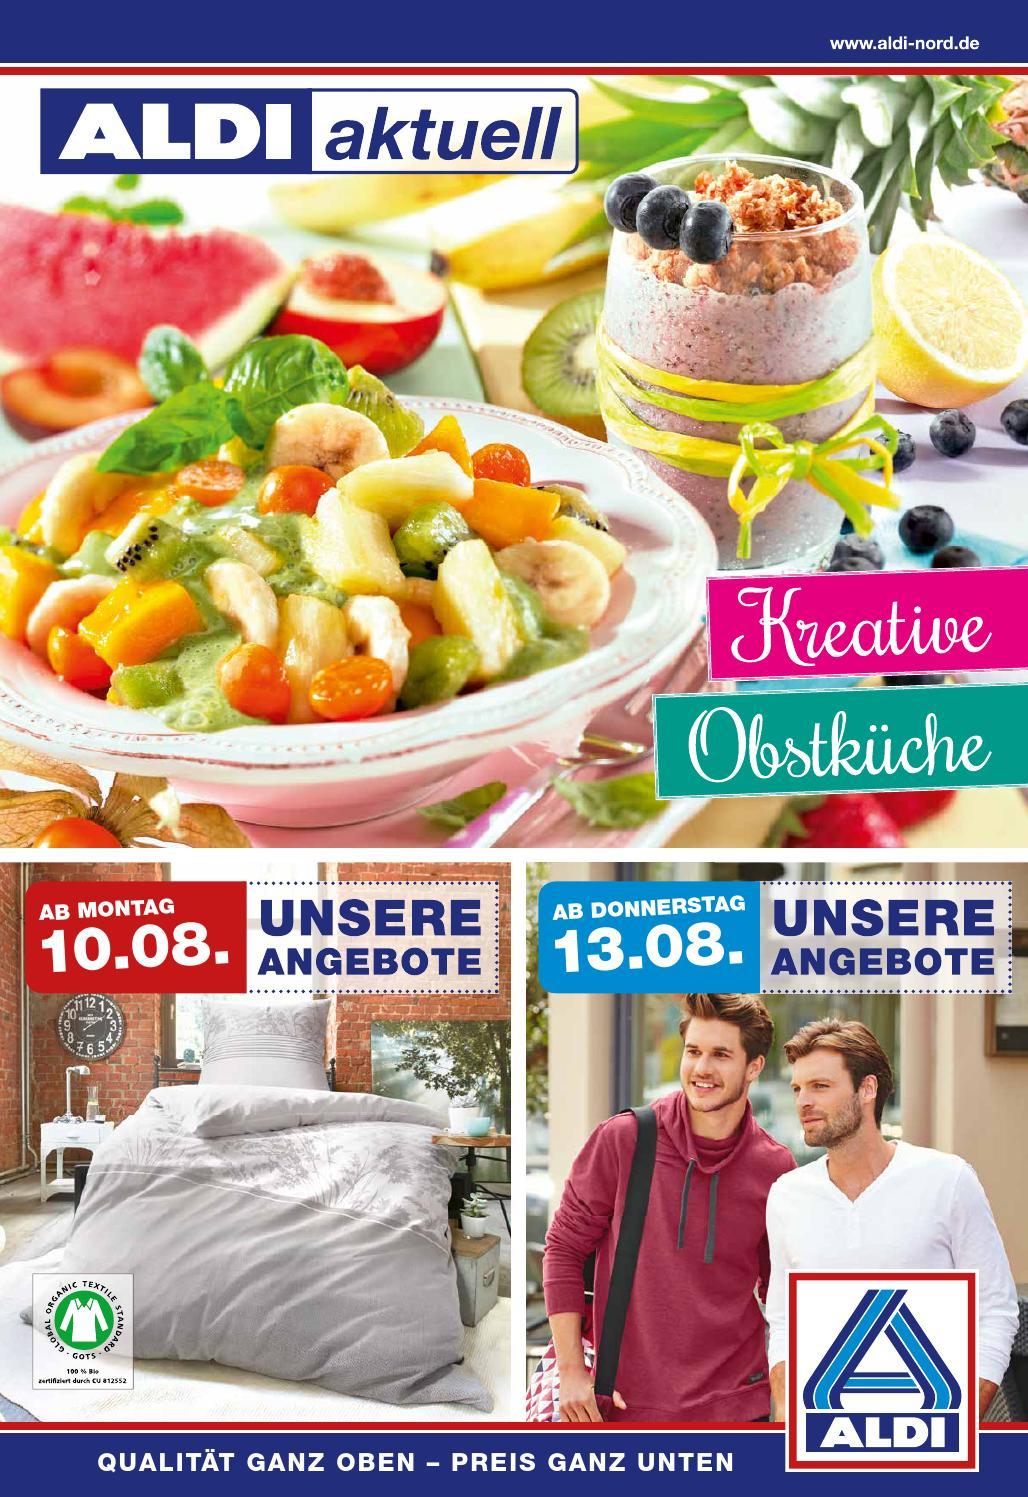 Aldi Nord Prospekt Angebote ab 10.08.15 KW33 by